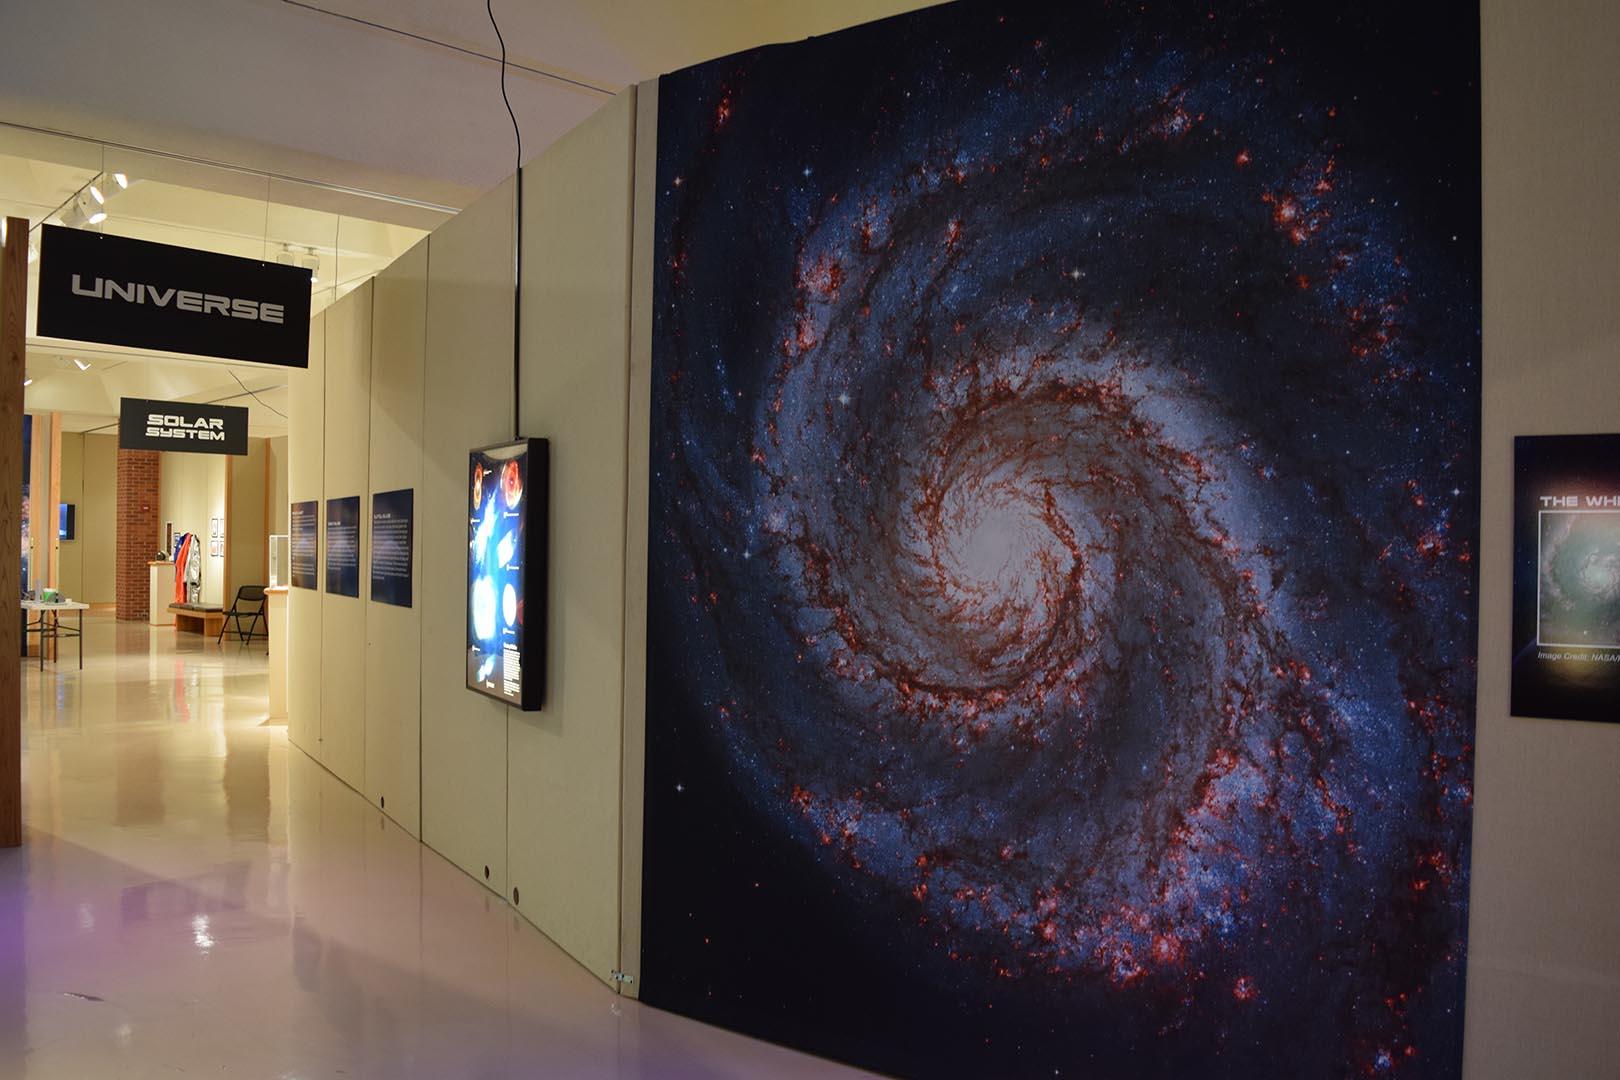 MCFTA Space Exhibit